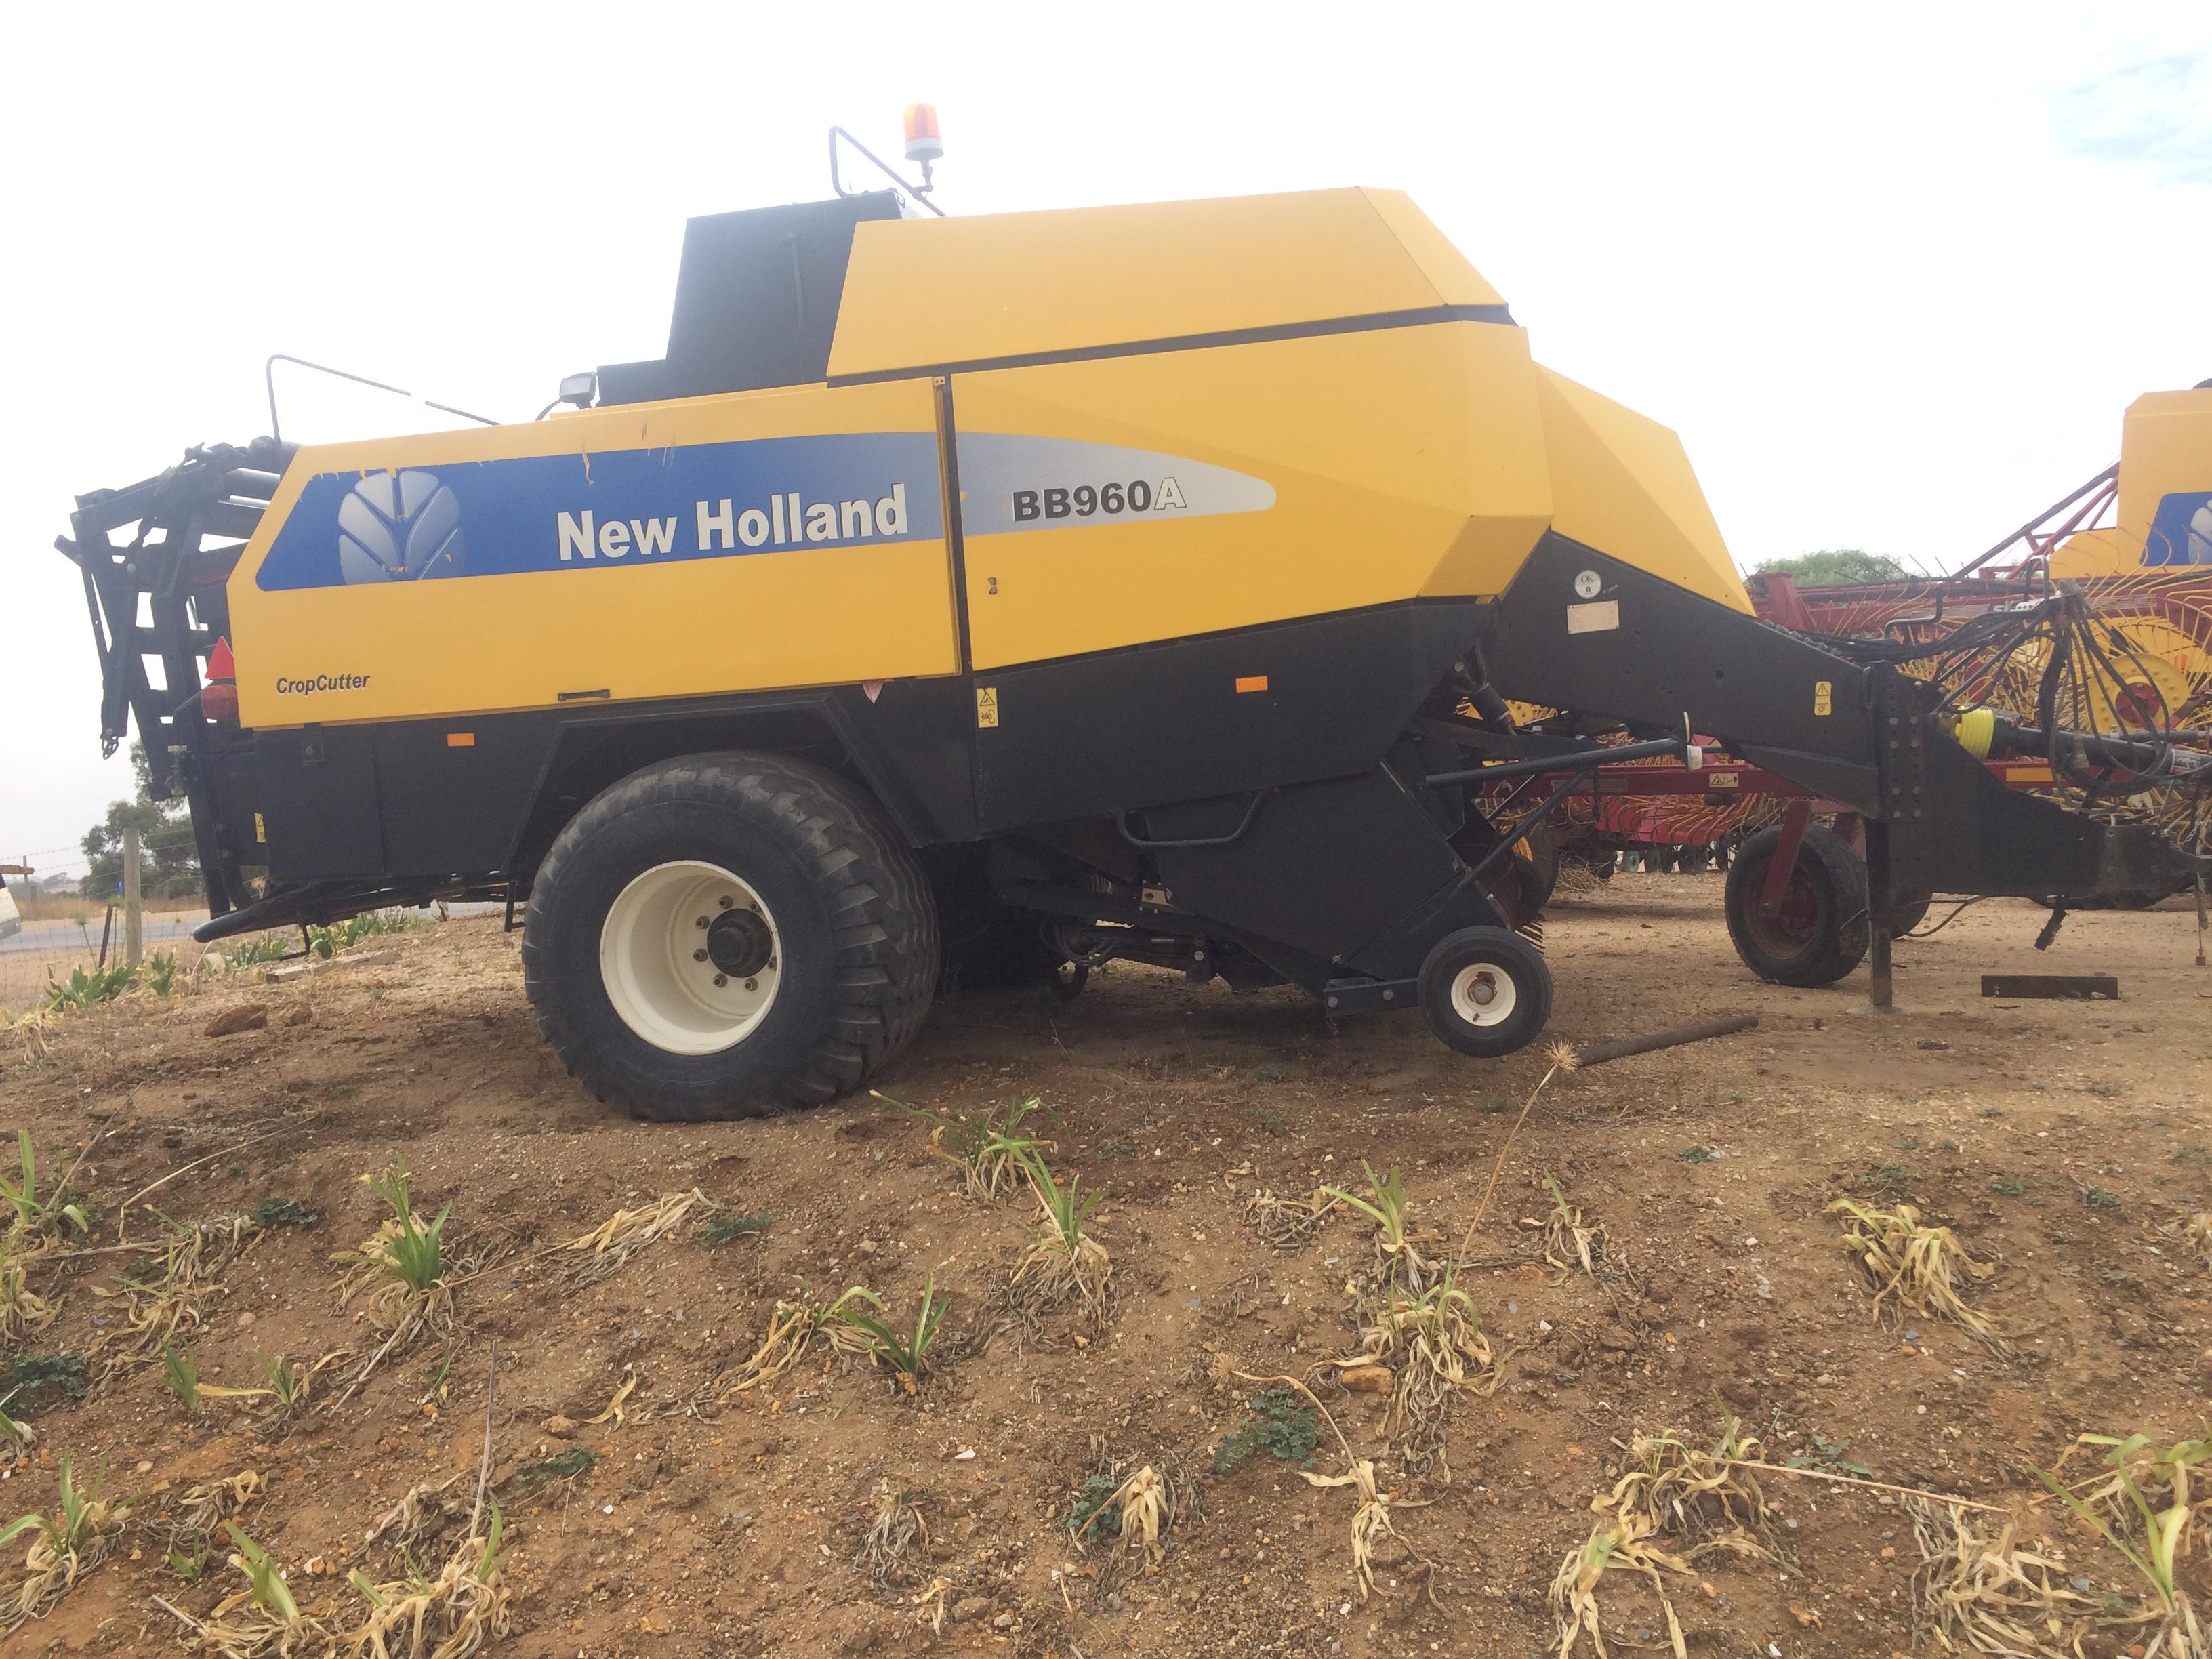 2007 New Holland BB960AR